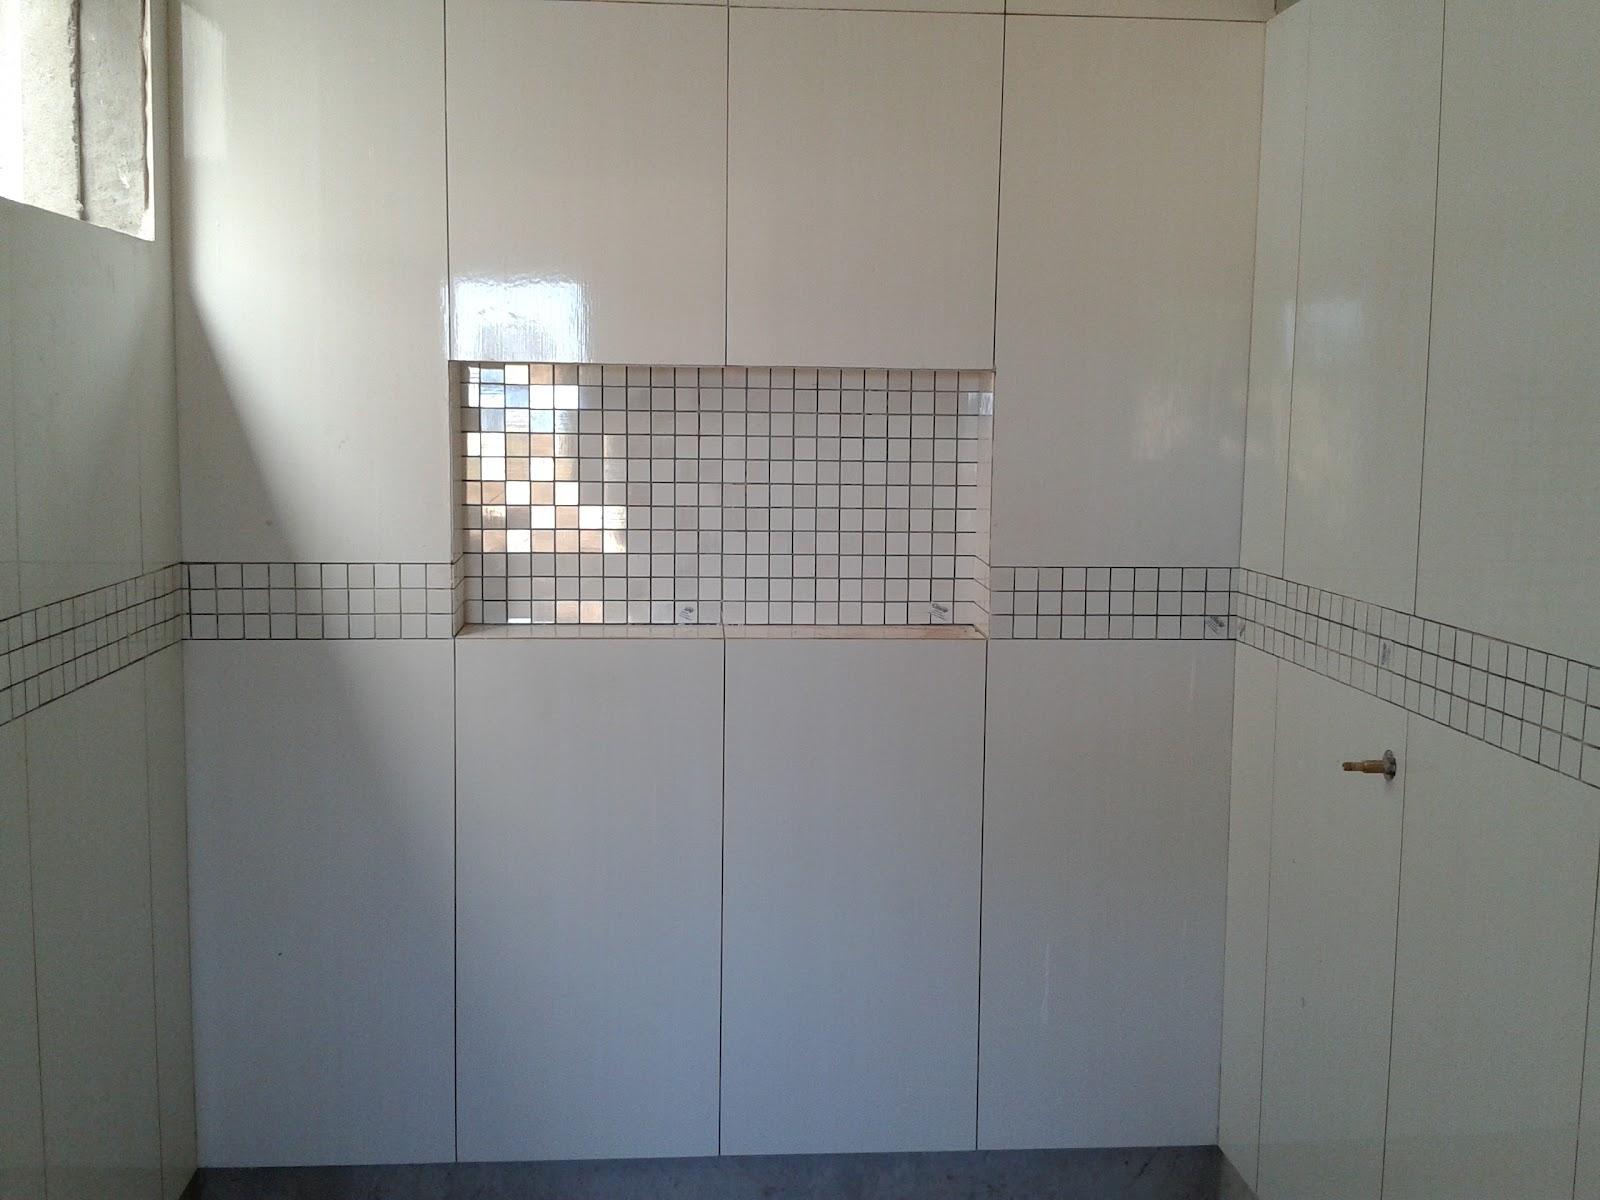 Banheiro com as pastilhas colocadas olhem meu nicho! Adorei! #3F4A5C 1600x1200 Banheiro Com Nicho